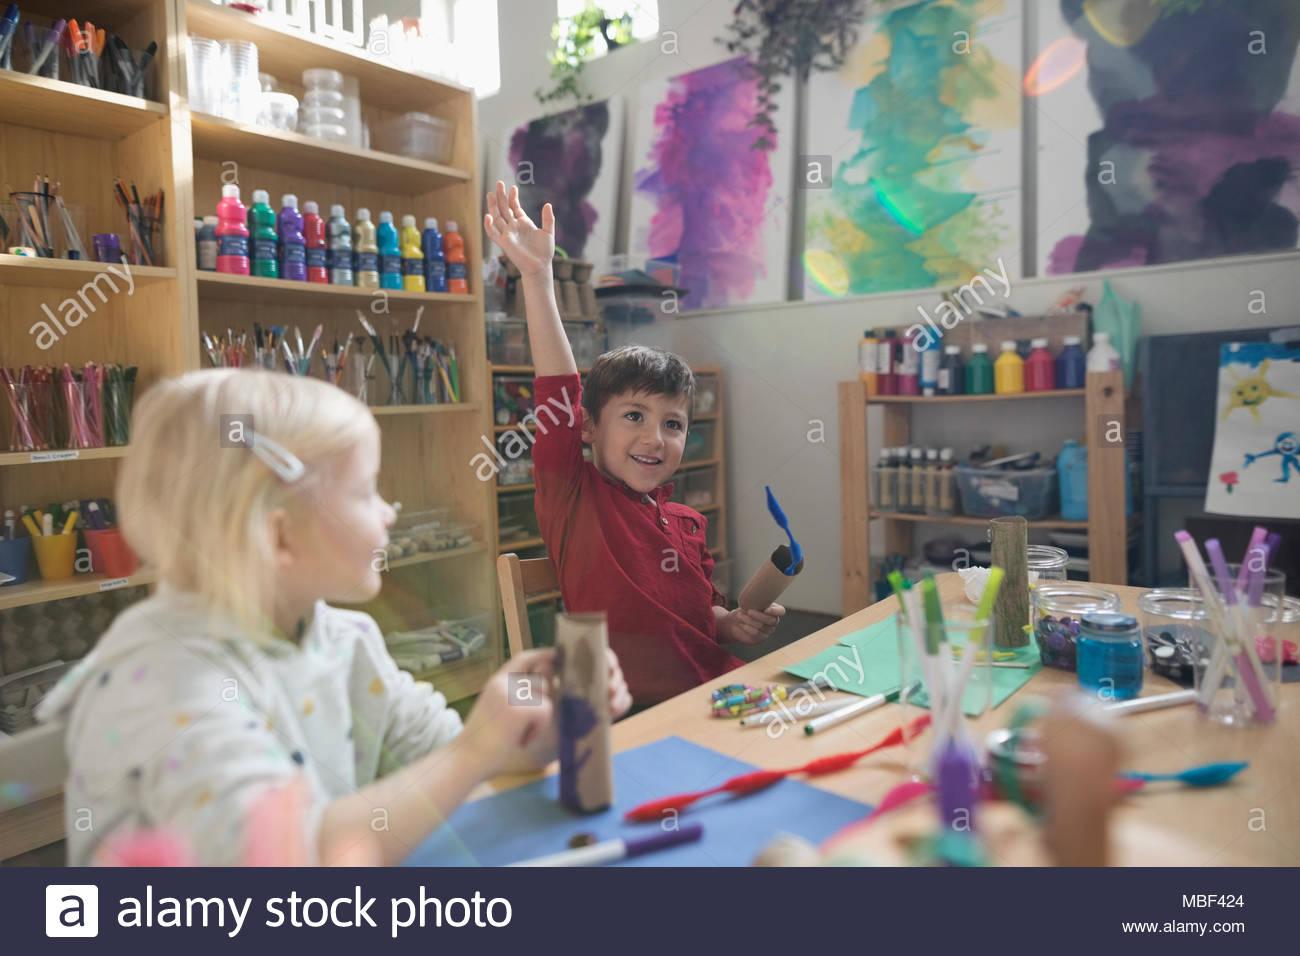 Preescolar impaciente Joven levantando la mano en la clase de arte Imagen De Stock